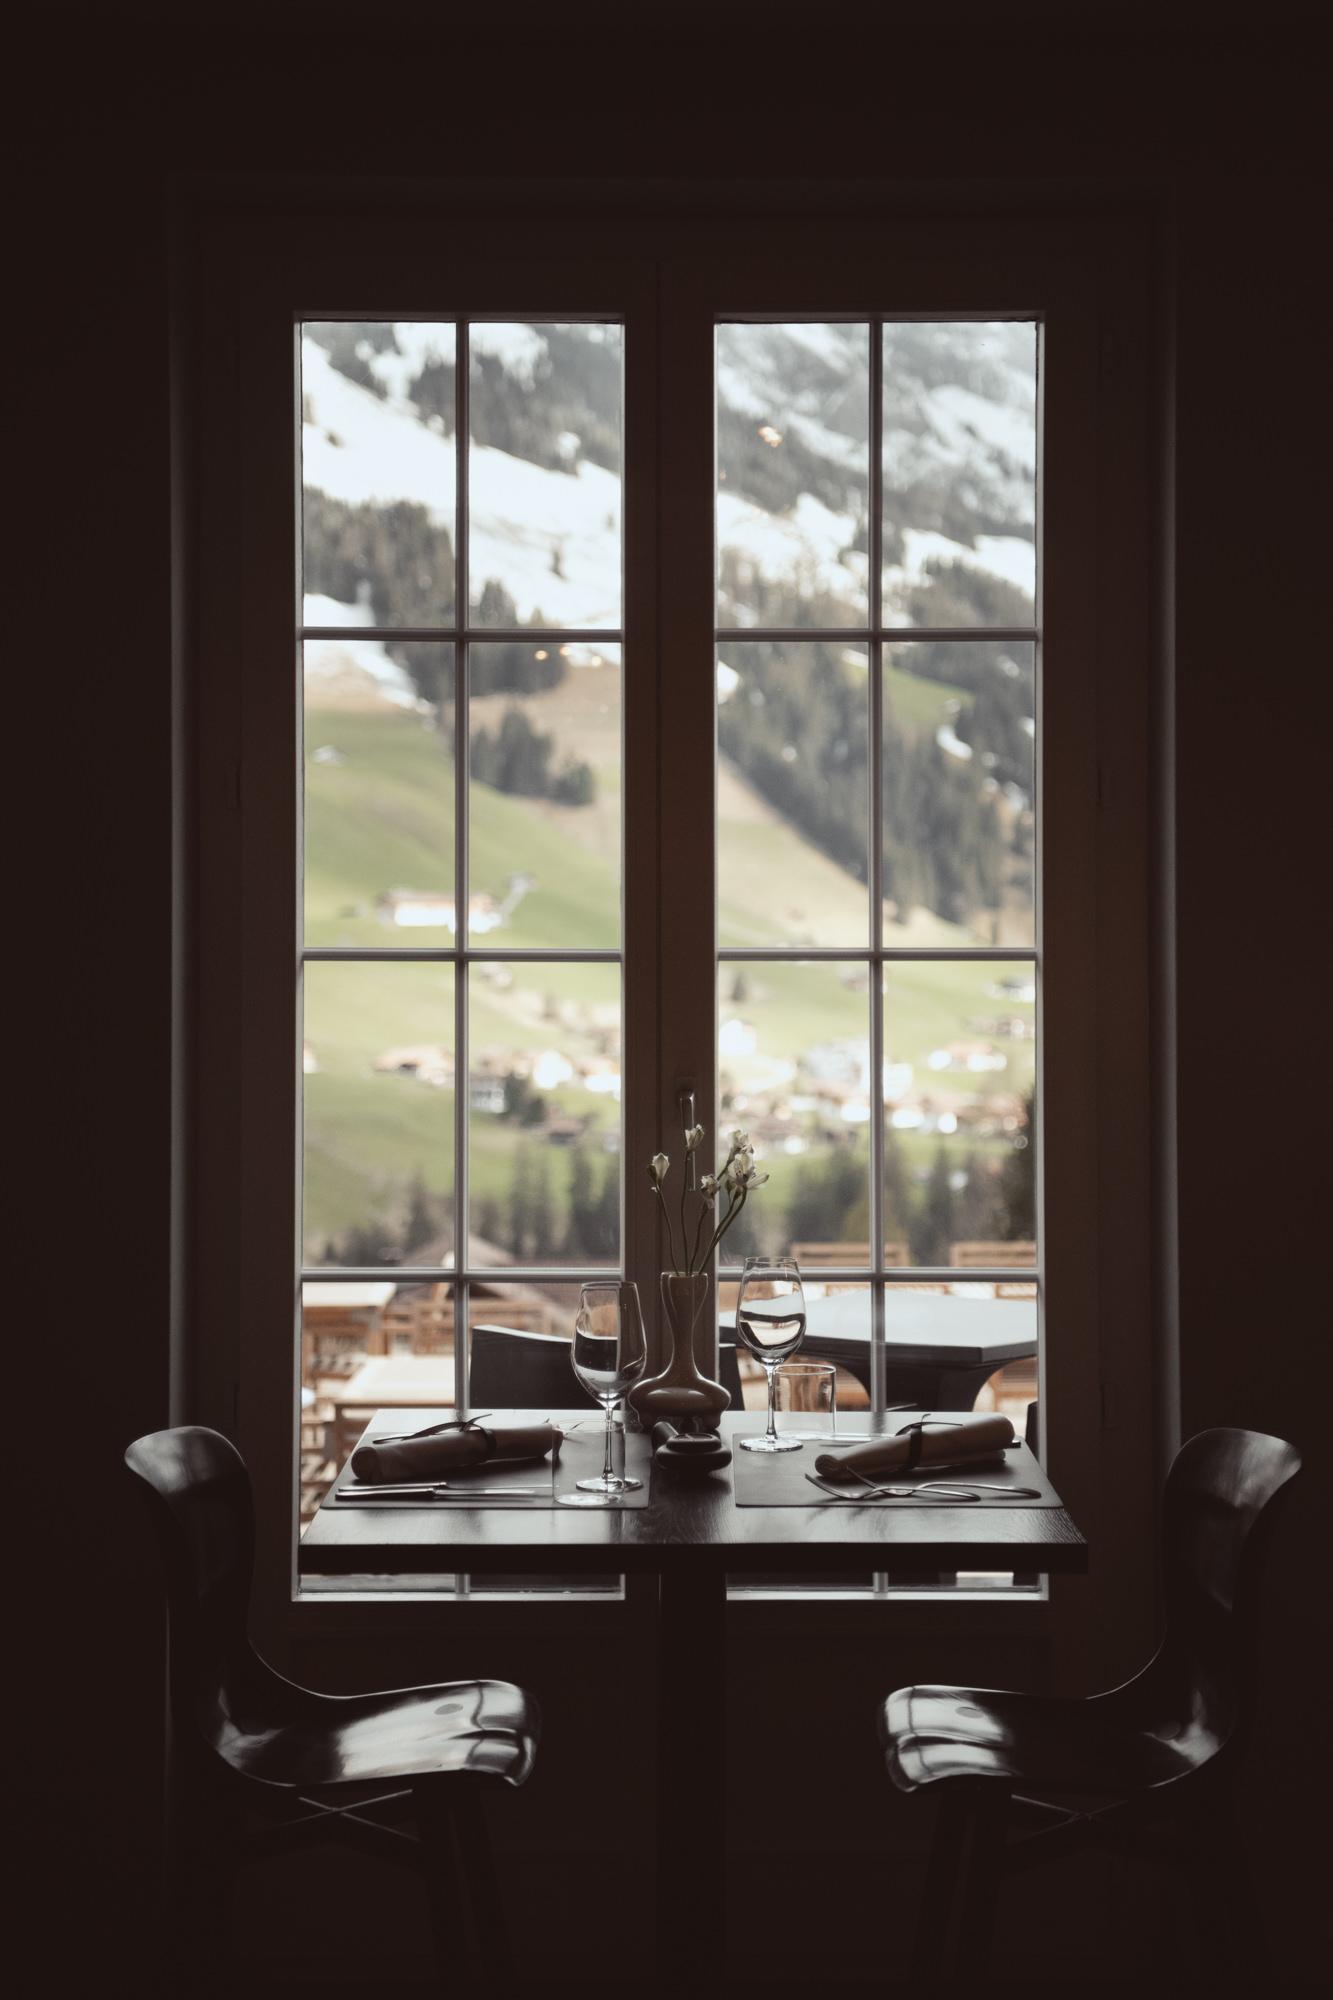 hotellerie_suisse1.jpg